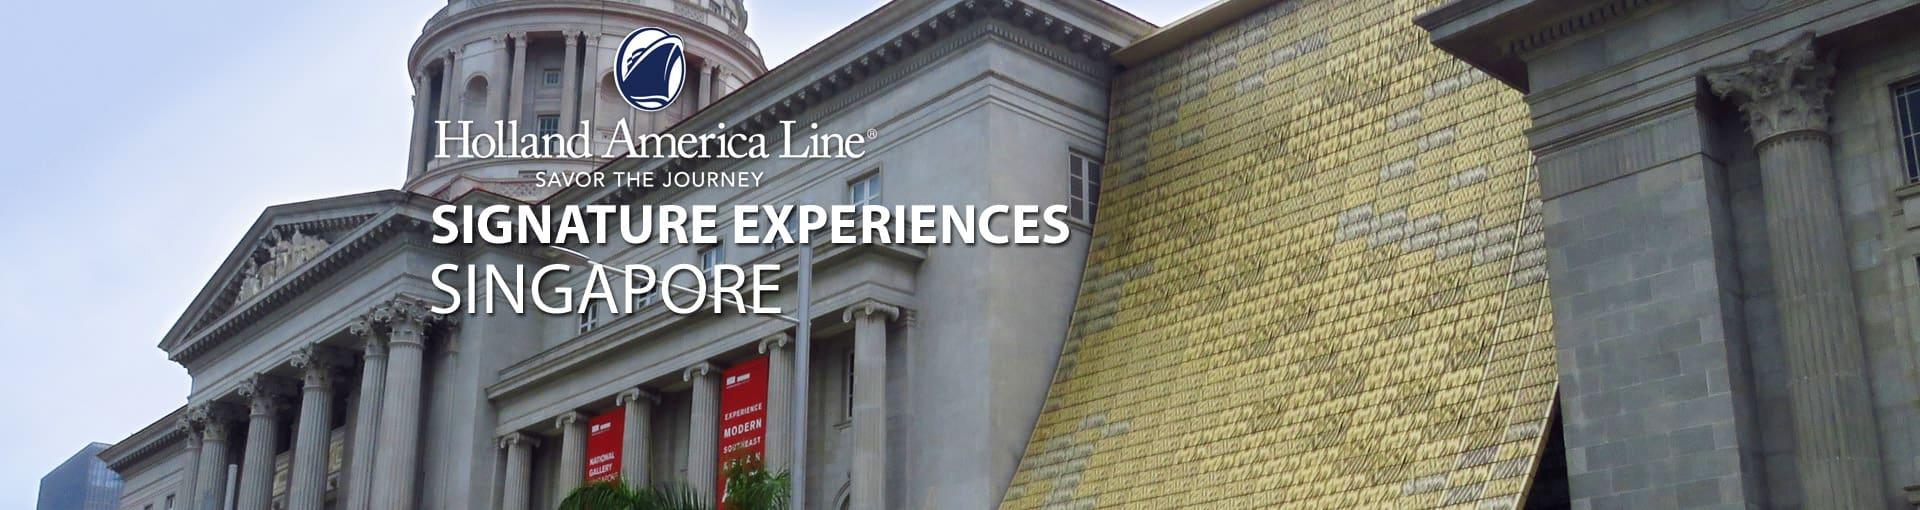 Holland America Signature Experiences - Singapore